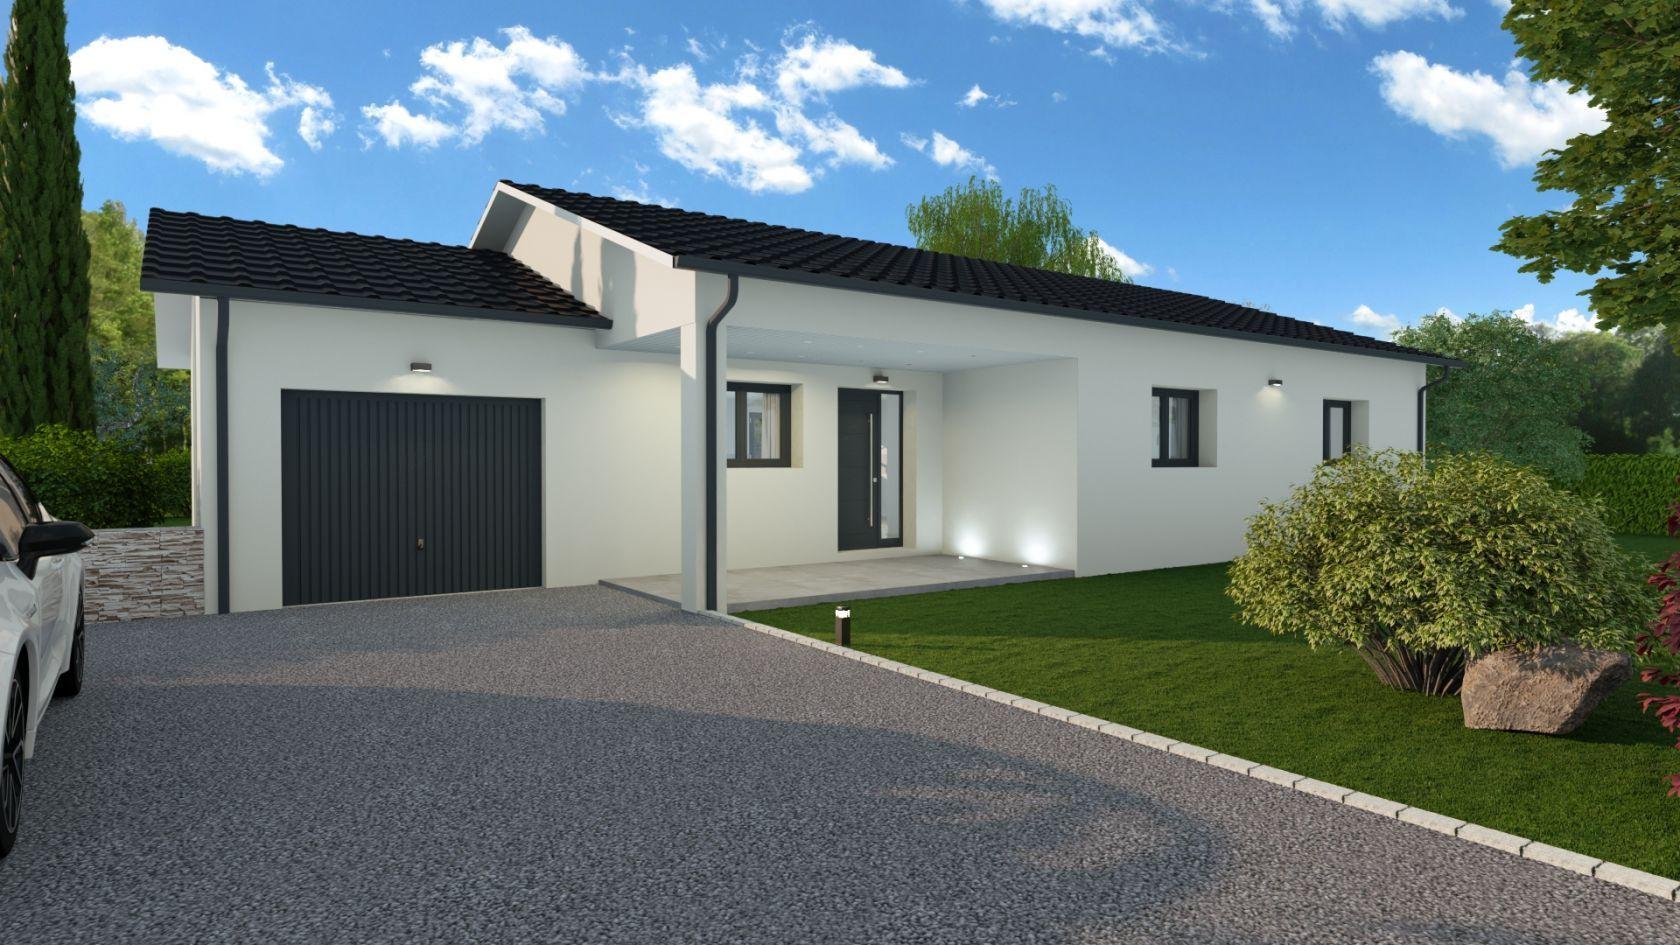 Maison 89.4 m² avec terrain à SAINTE-ANNE-SUR-GERVONDE (38) 2